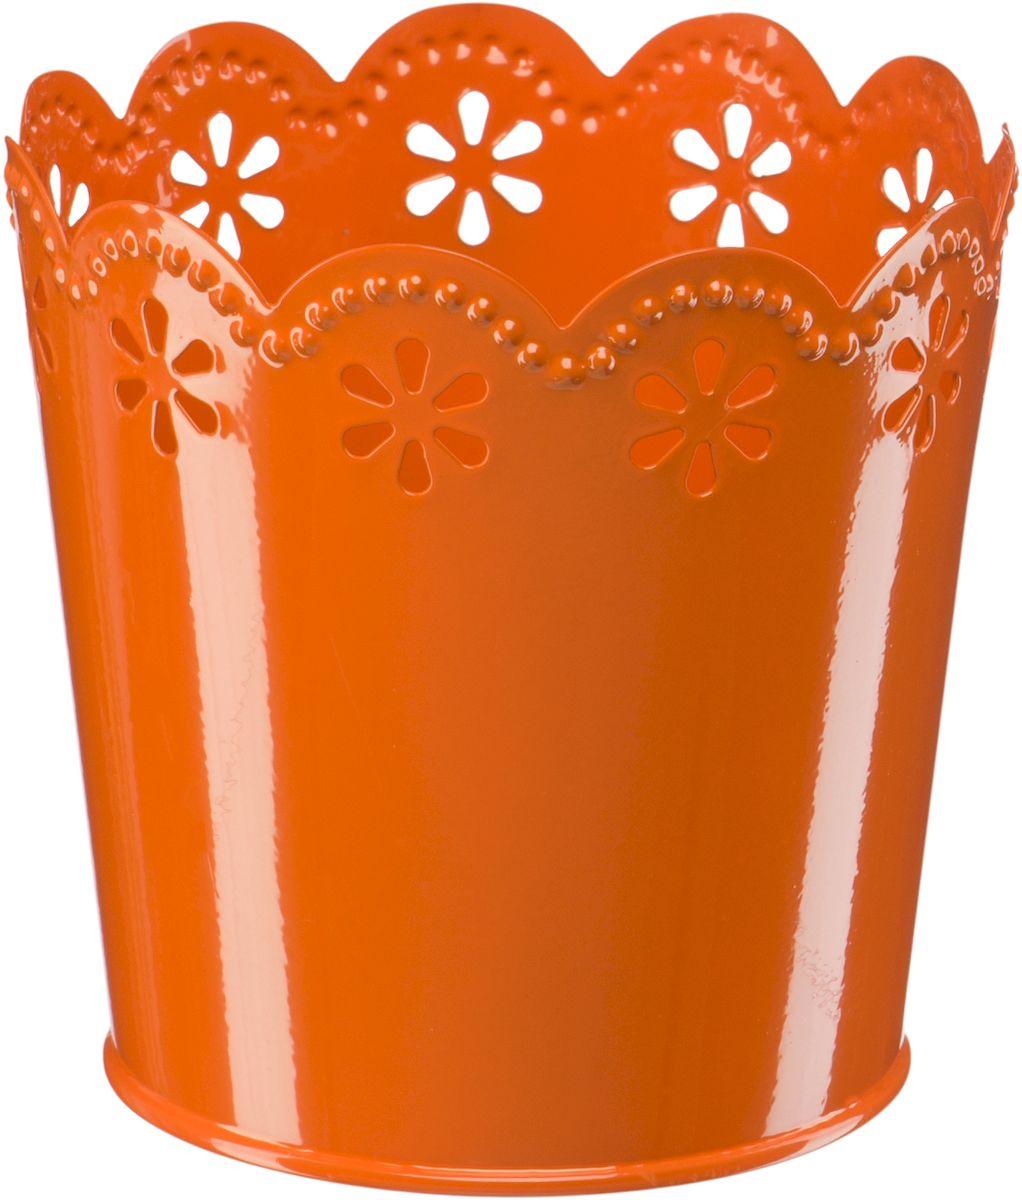 Кашпо Engard, цвет: оранжевый, 12,5 х 10 х 13 смА059Кашпо Engard, предназначенное для посадки декоративных растений, станет прекрасным украшением для дома. Яркая расцветка привлекает к себе внимание и поднимает настроение. Материал изготовления - металл.